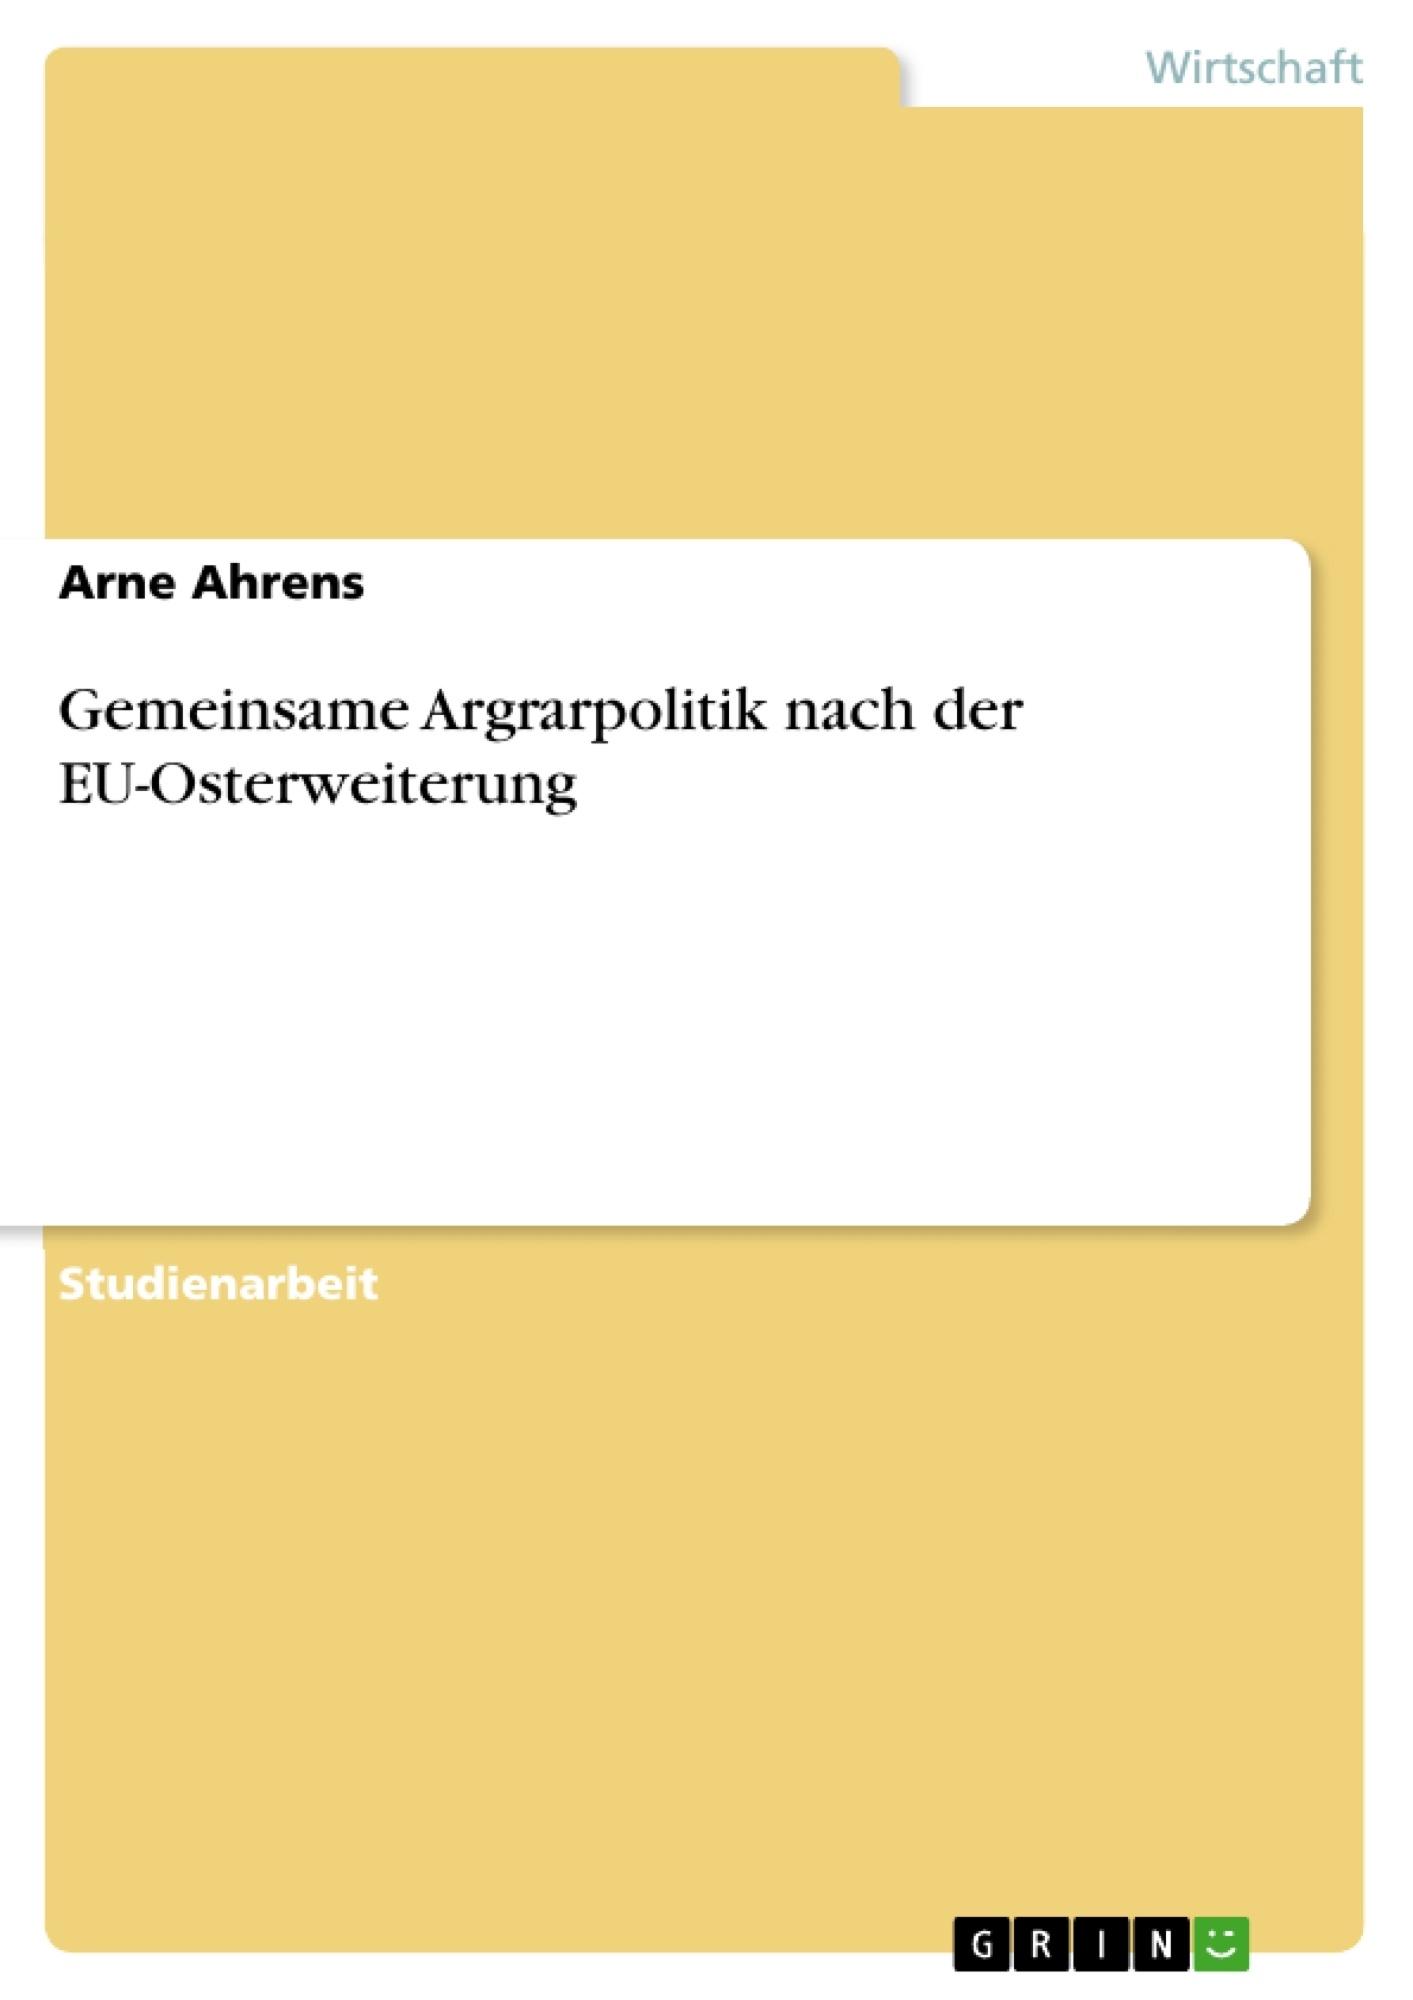 Titel: Gemeinsame Argrarpolitik nach der EU-Osterweiterung